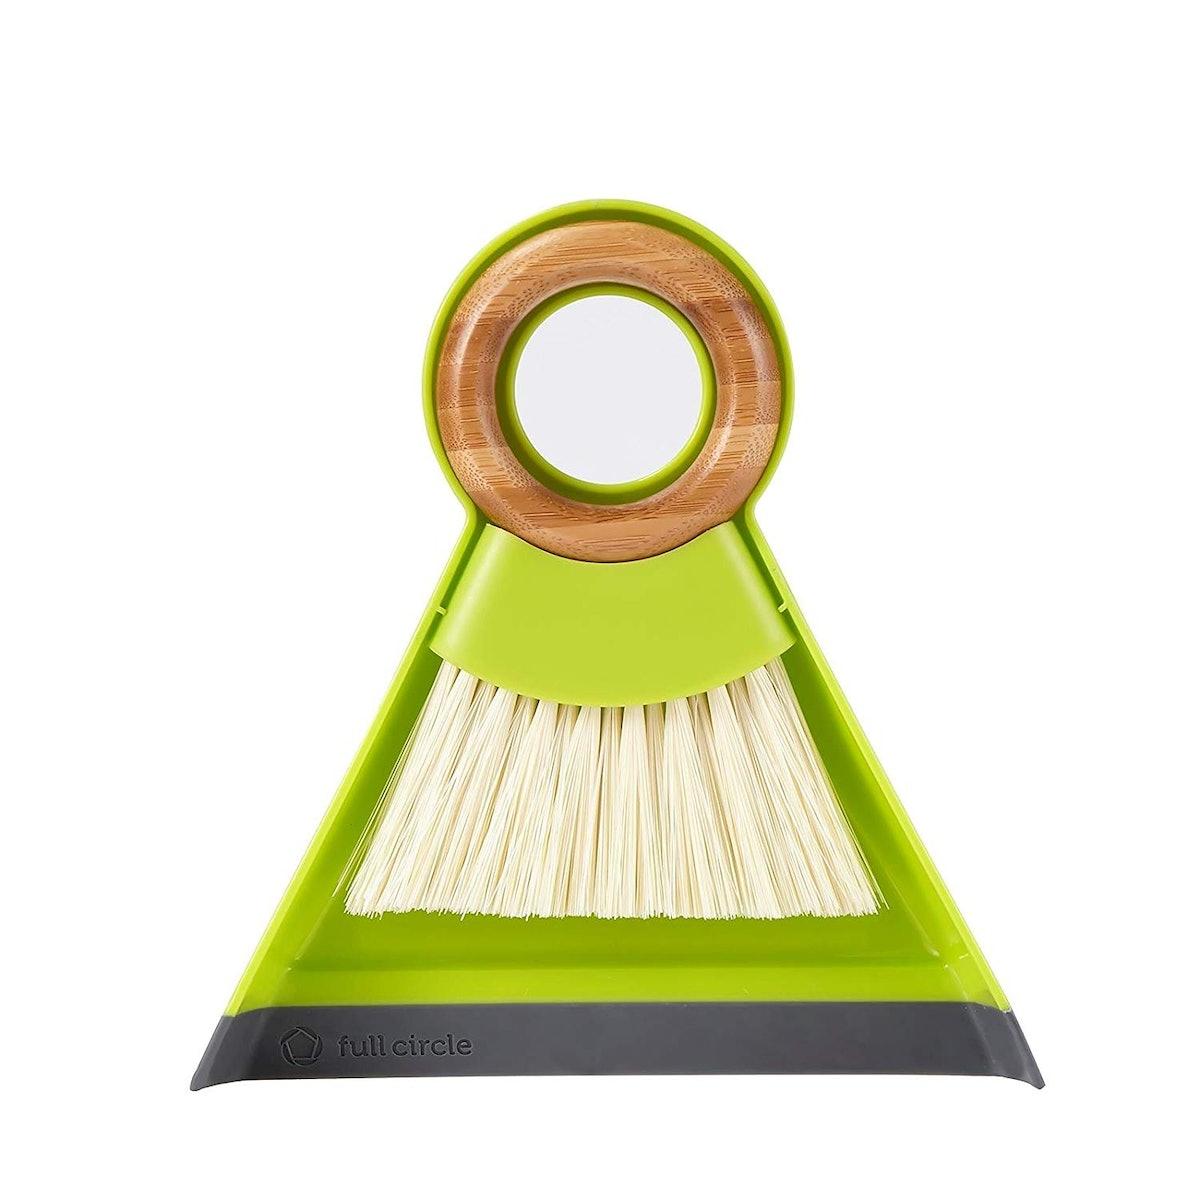 Full Circle Mini Brush And Dustpan